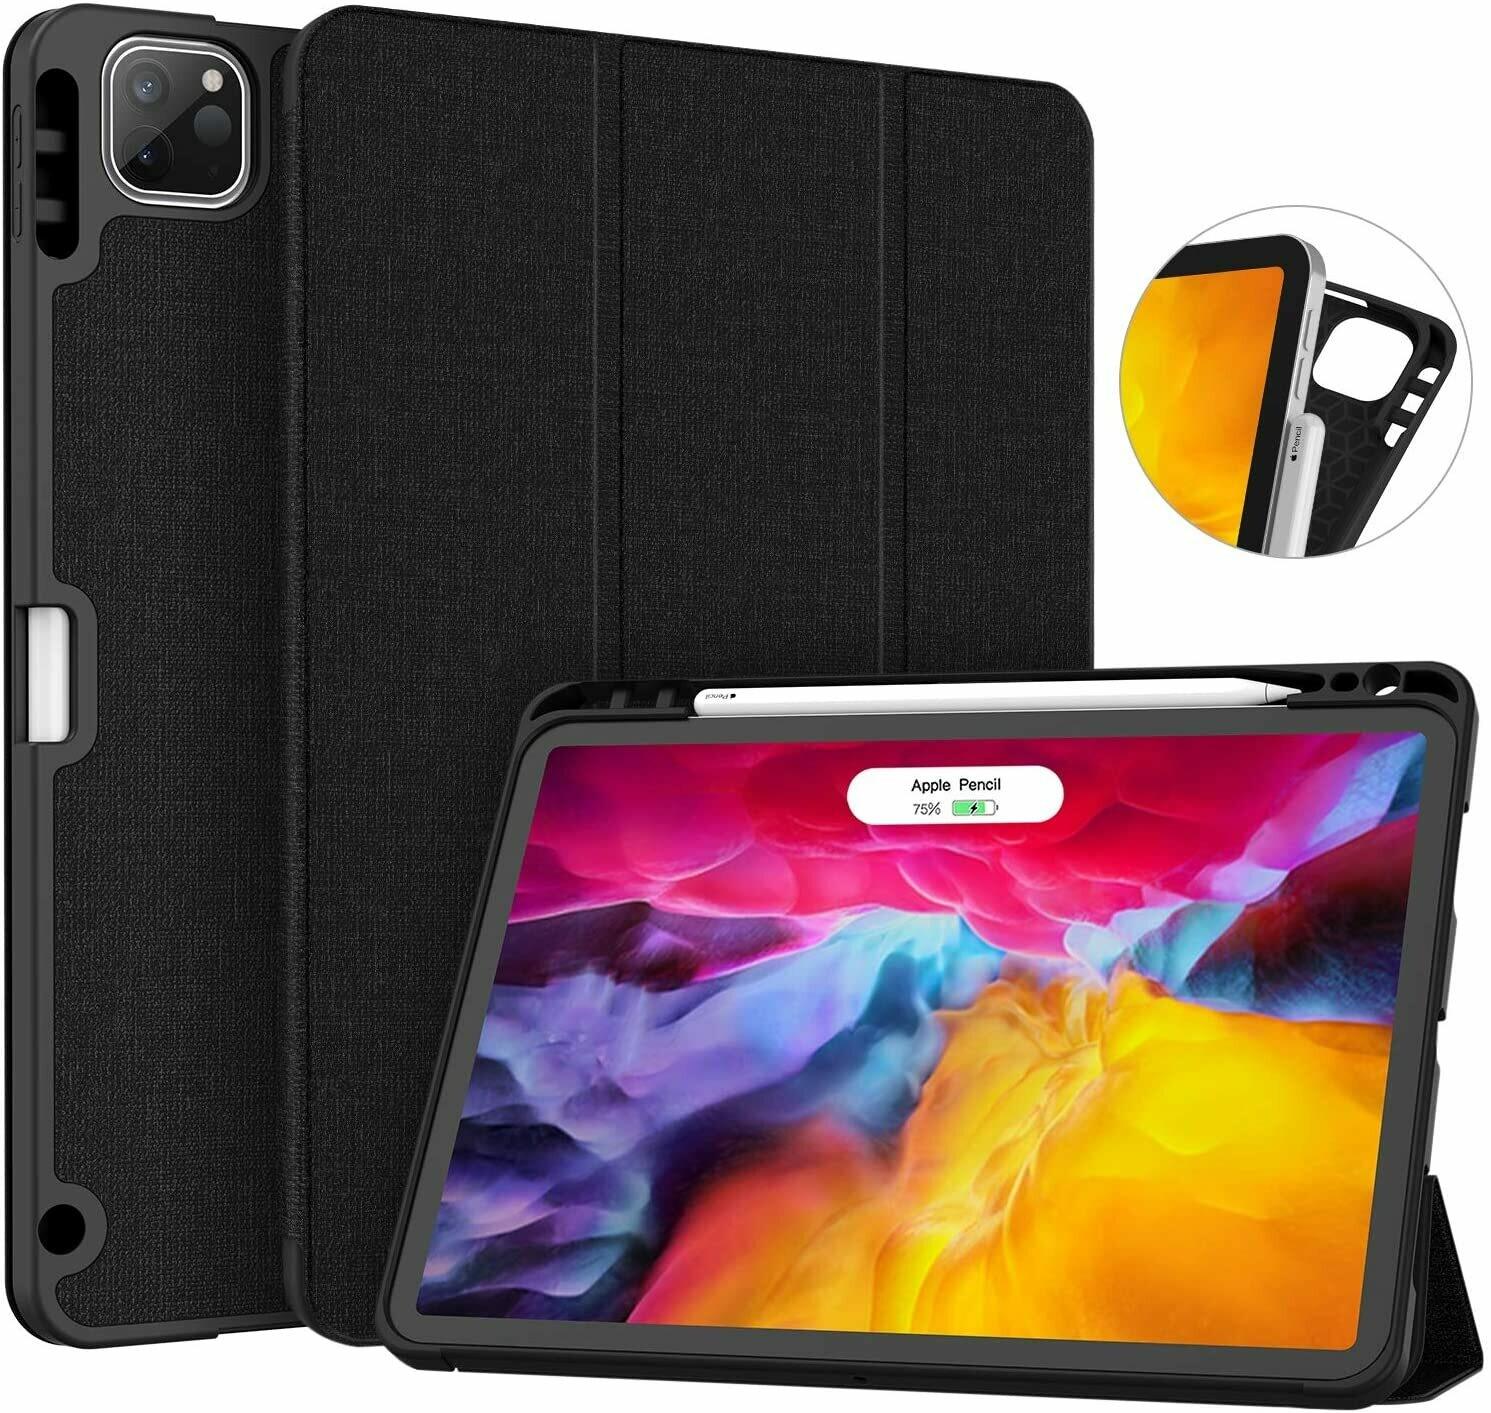 Case Flip iPad Pro 11 2020 c/ Soporte Lápiz c/ Apagado Automático Negro